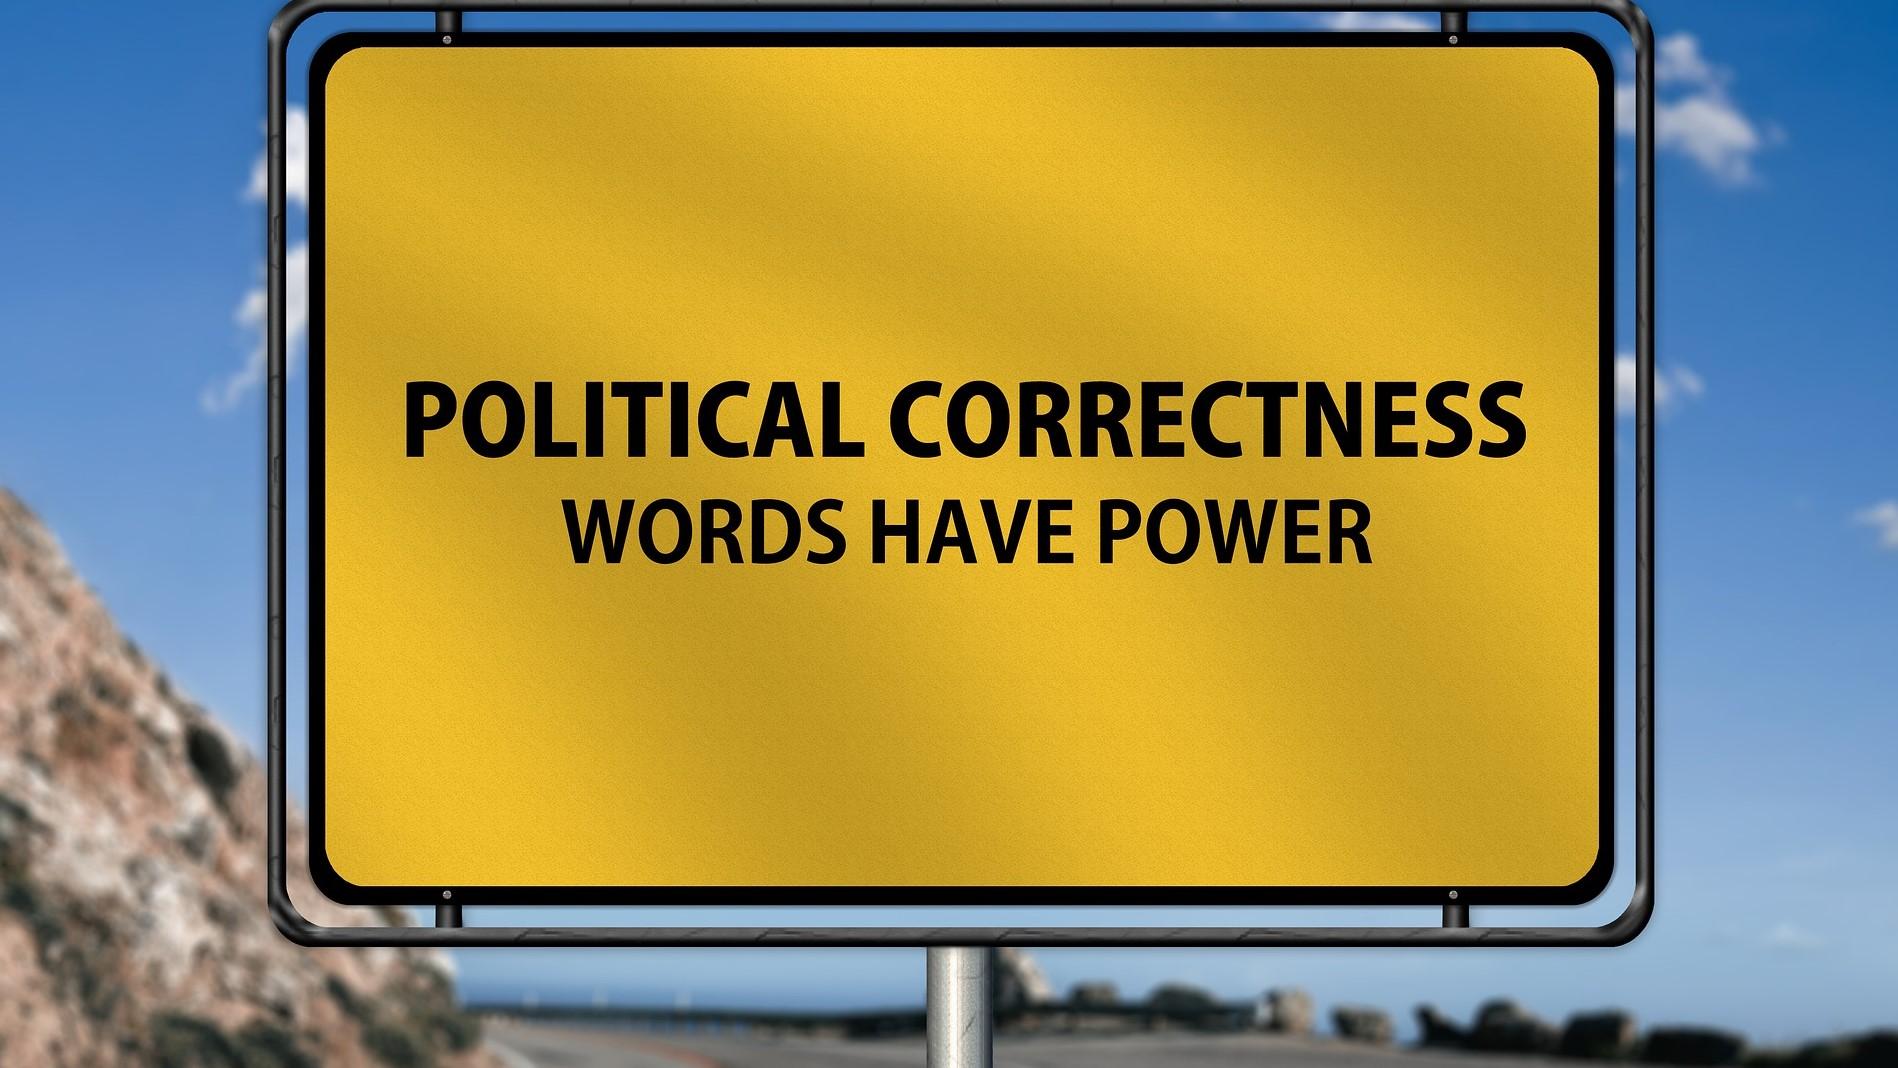 Political Correctness: Selbstzerstörung des Liberalismus und der abendländischen Kultur?